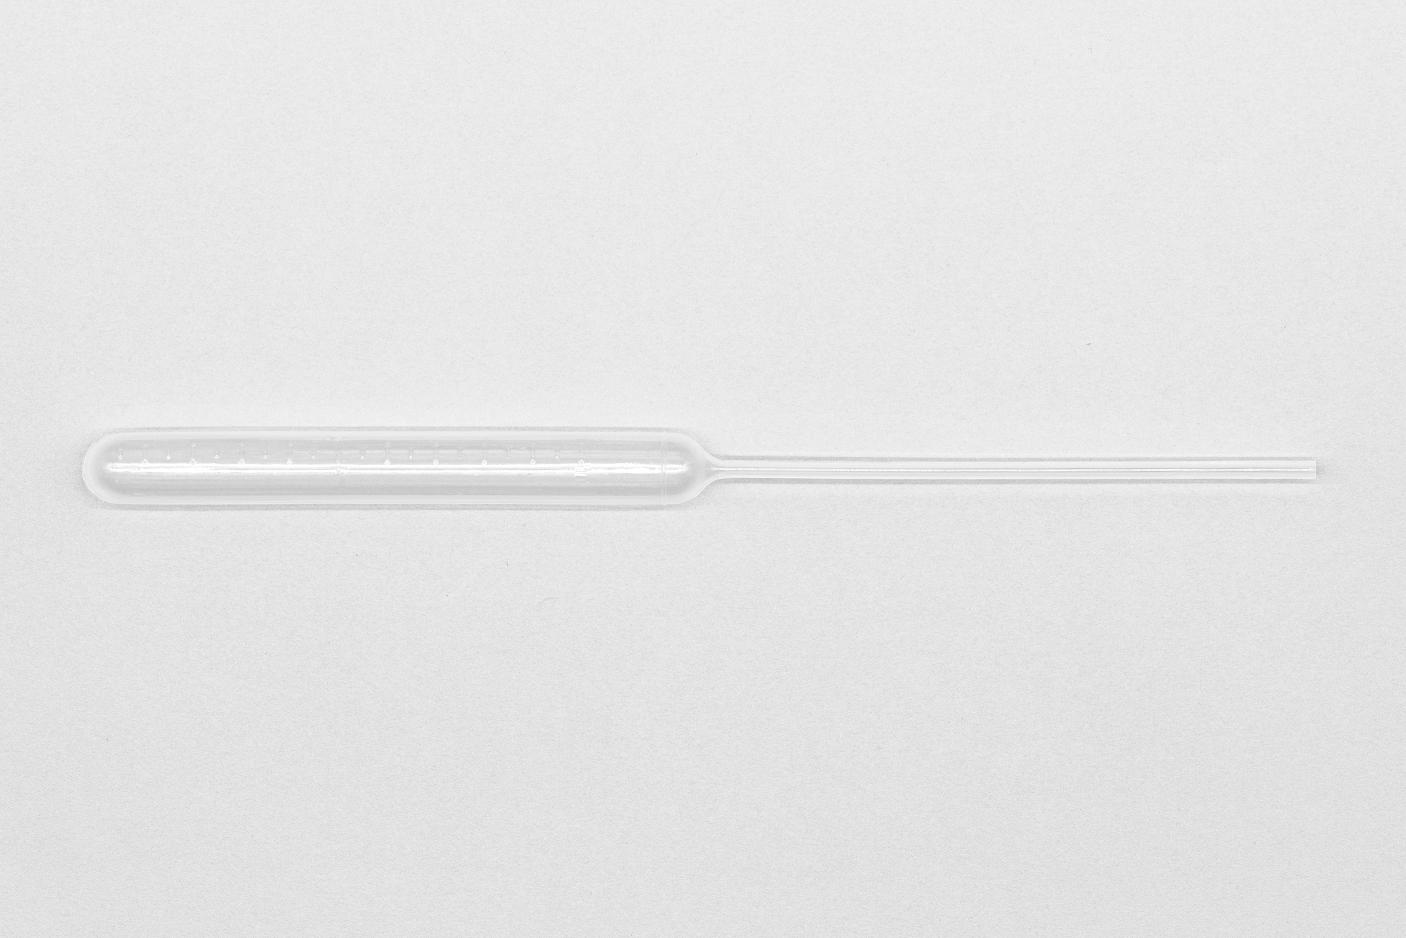 微生物検査 スポイト 10cc プラスチック